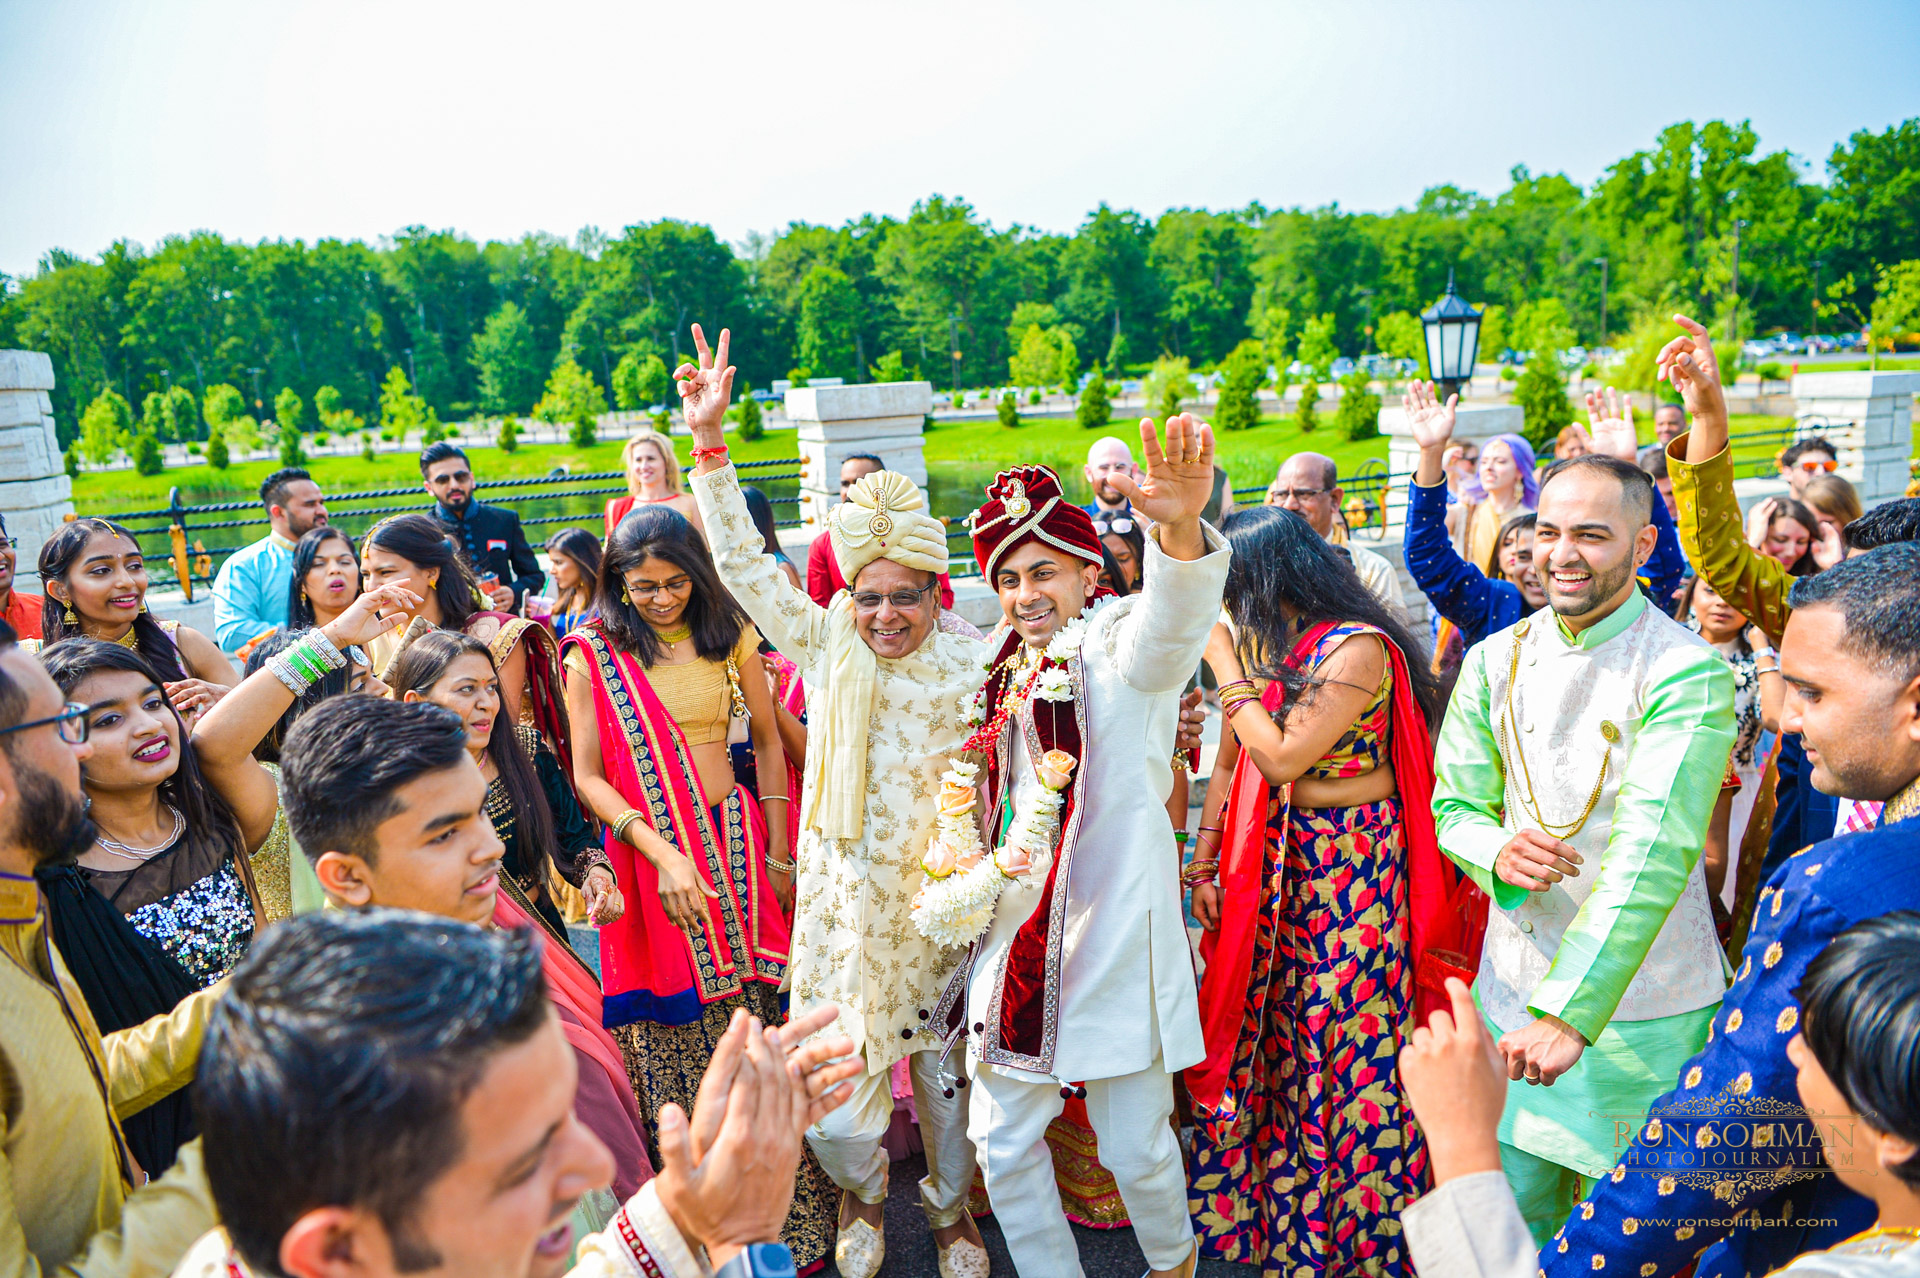 LEGACY CASTLE WEDDING 15